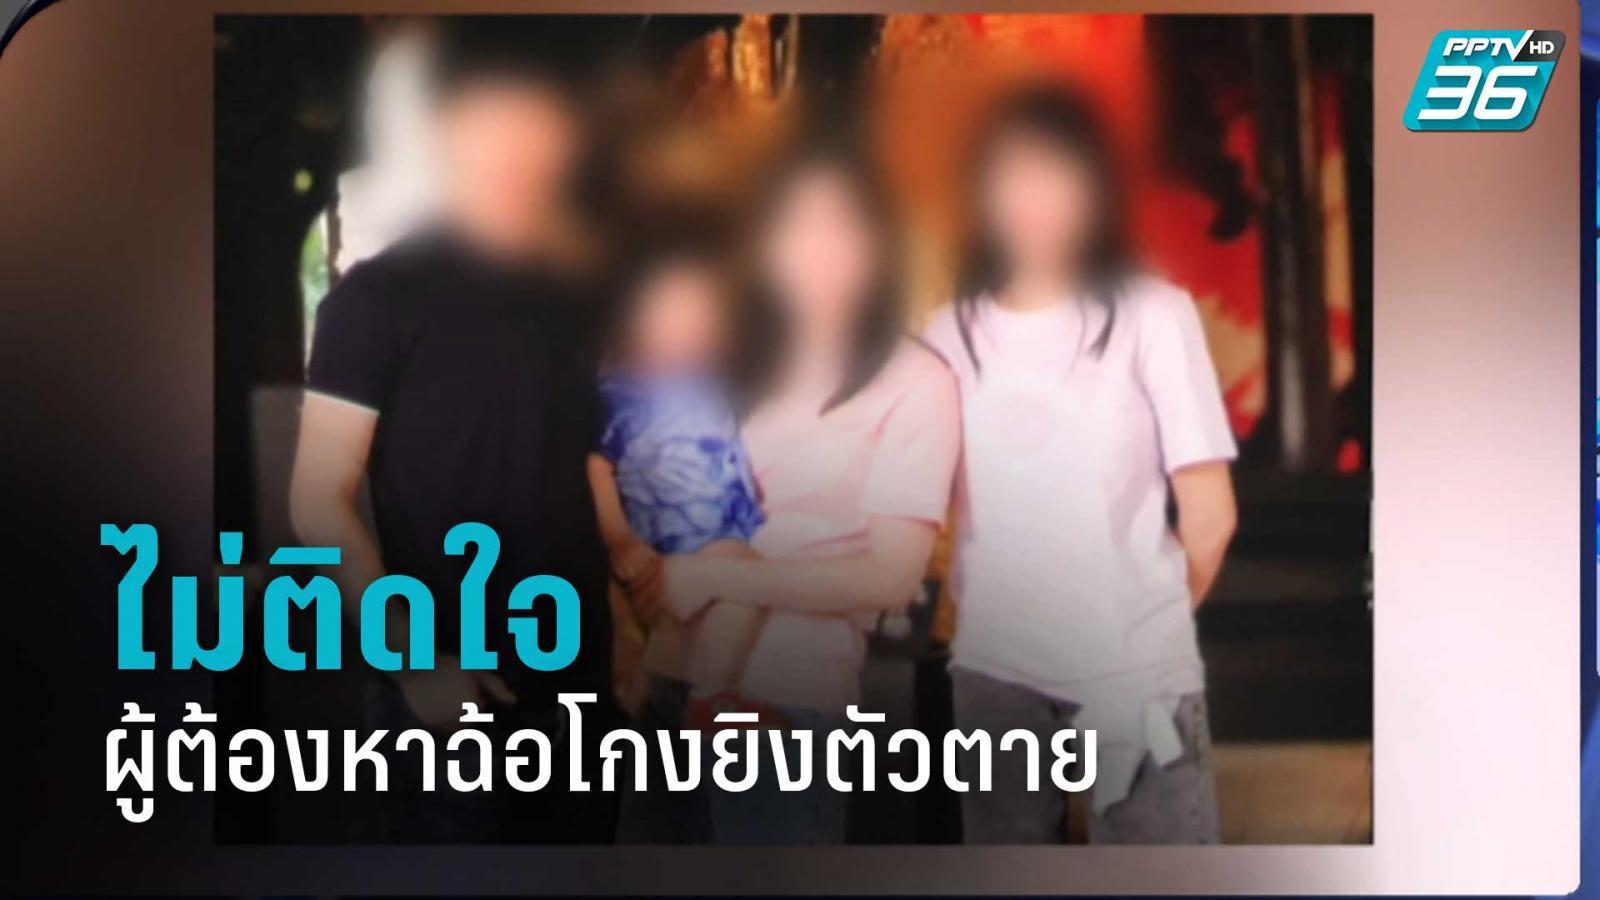 ญาติไม่ติดใจ ผู้ต้องหาฉ้อโกงยิงตัวตาย พร้อมภรรยาดับ 3 ศพ ตร.แจงเหตุปิดล้อมนาน